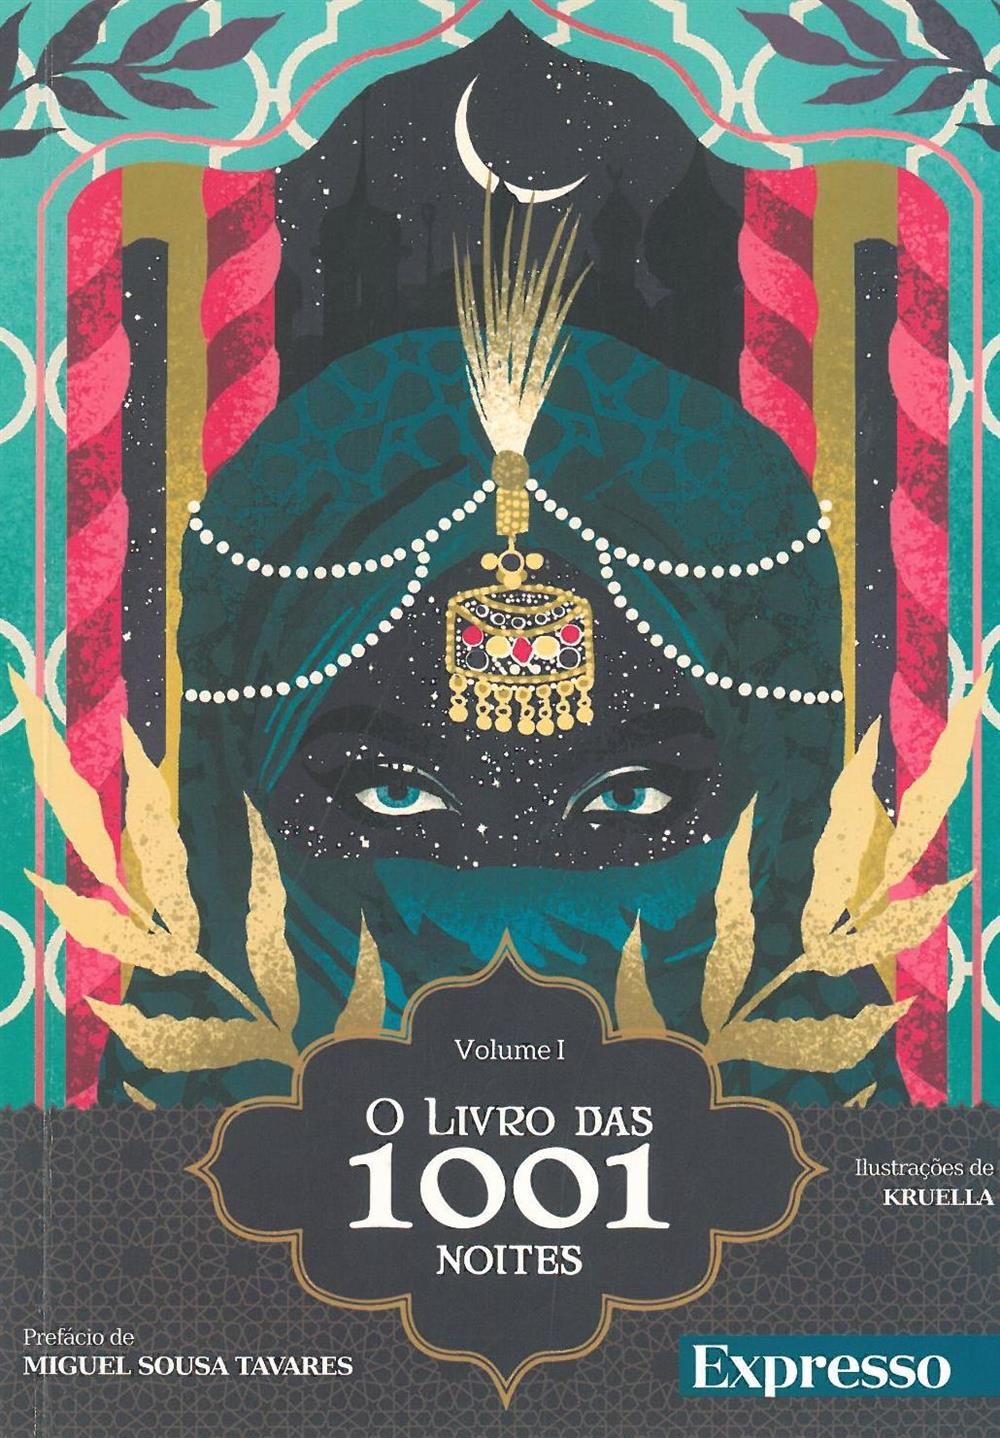 O livro das 1001 noites_.jpg